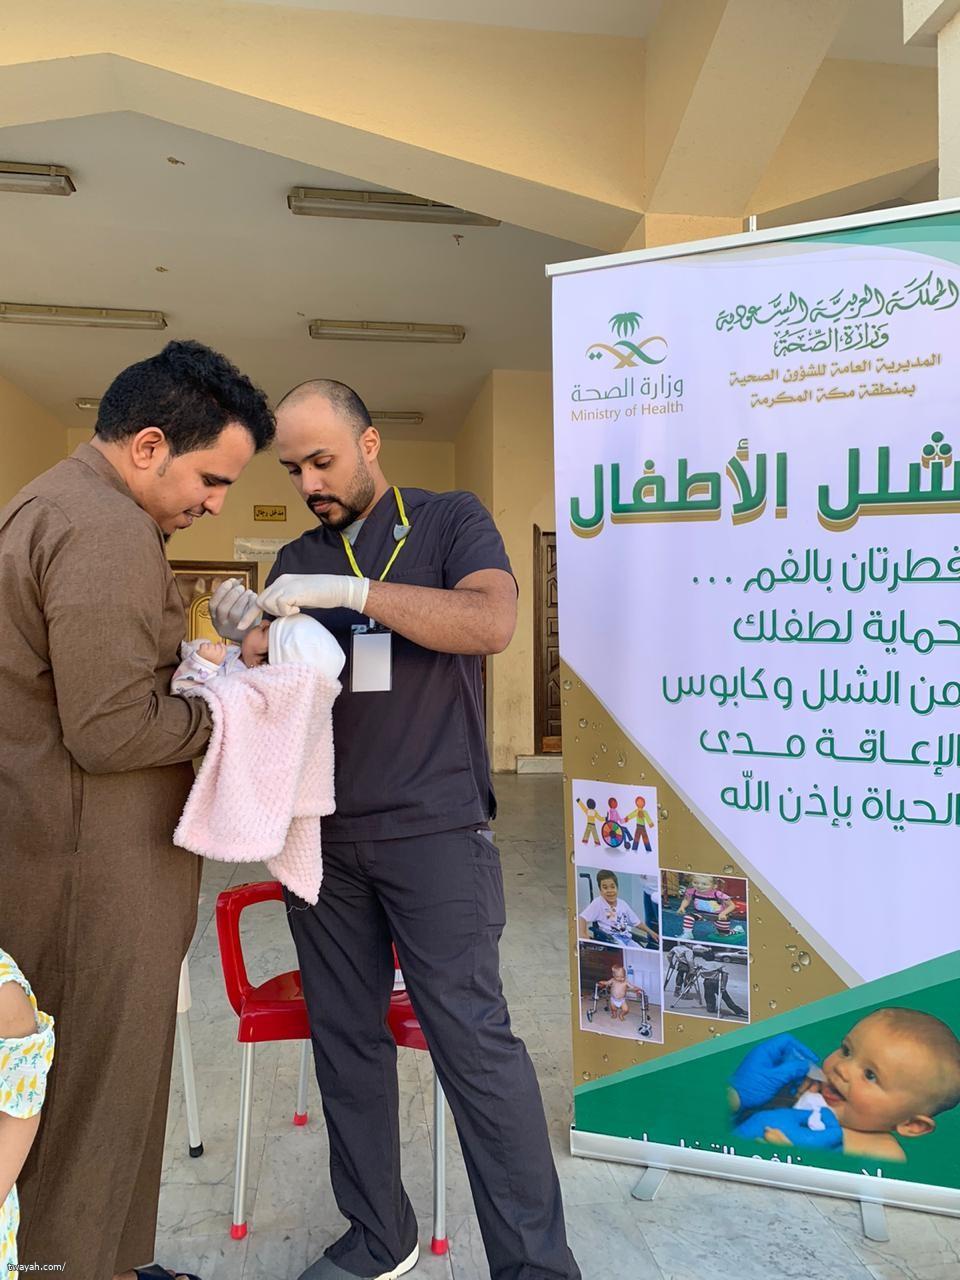 مركز صحي جعرانة ينطلق بحملة شلل الأطفال الجرعة الثانية